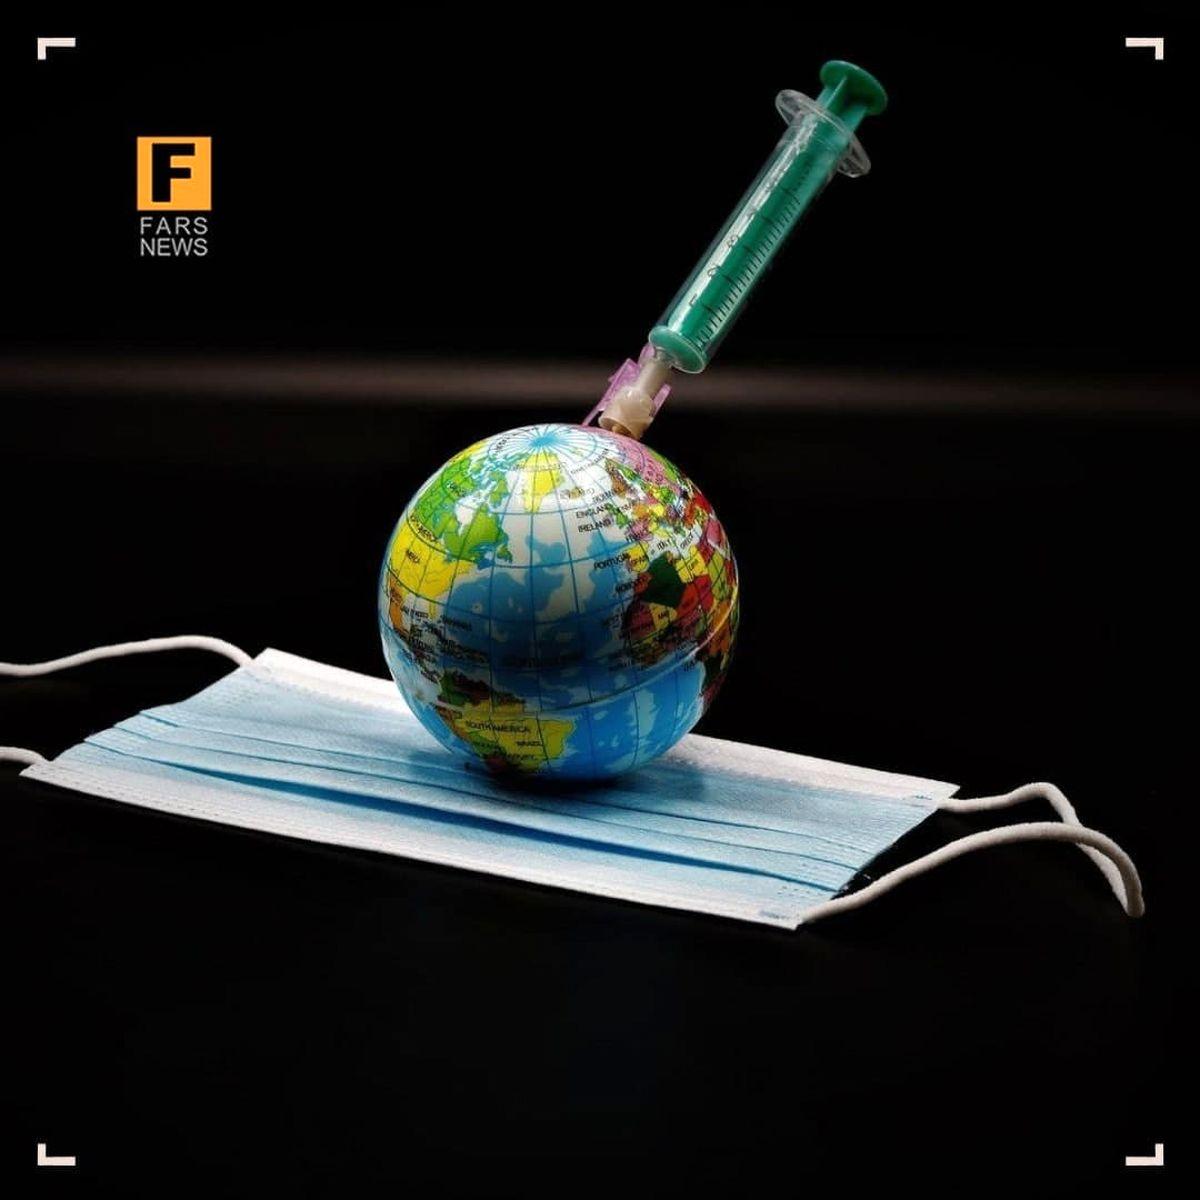 چند درصد مردم جهان در برابر کرونا واکسینه شدهاند؟